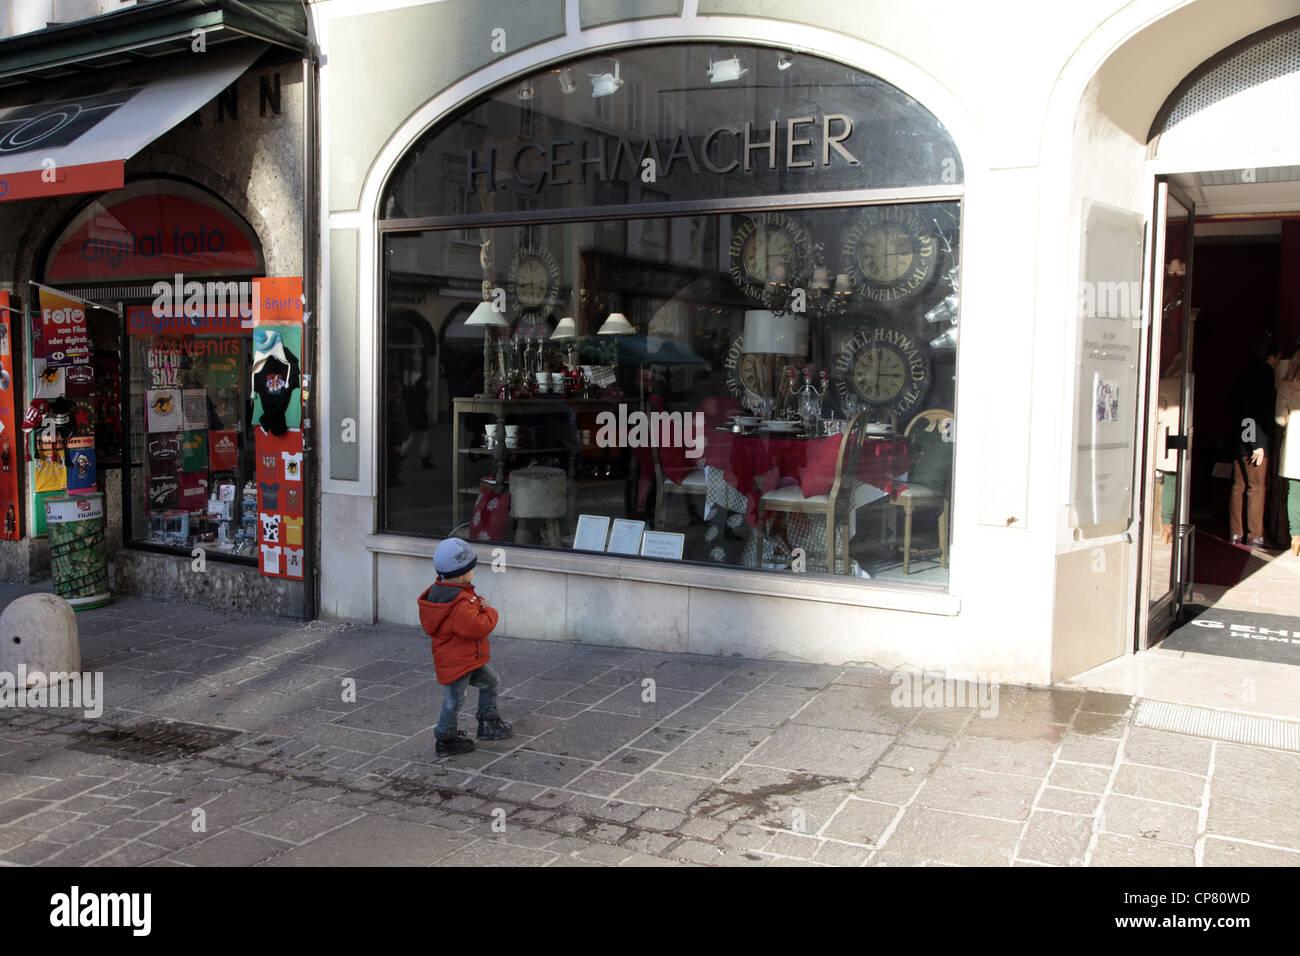 Bambino FUORI H. GEHMACHER SHOP Salzburg Austria 27 dicembre 2011 Immagini Stock